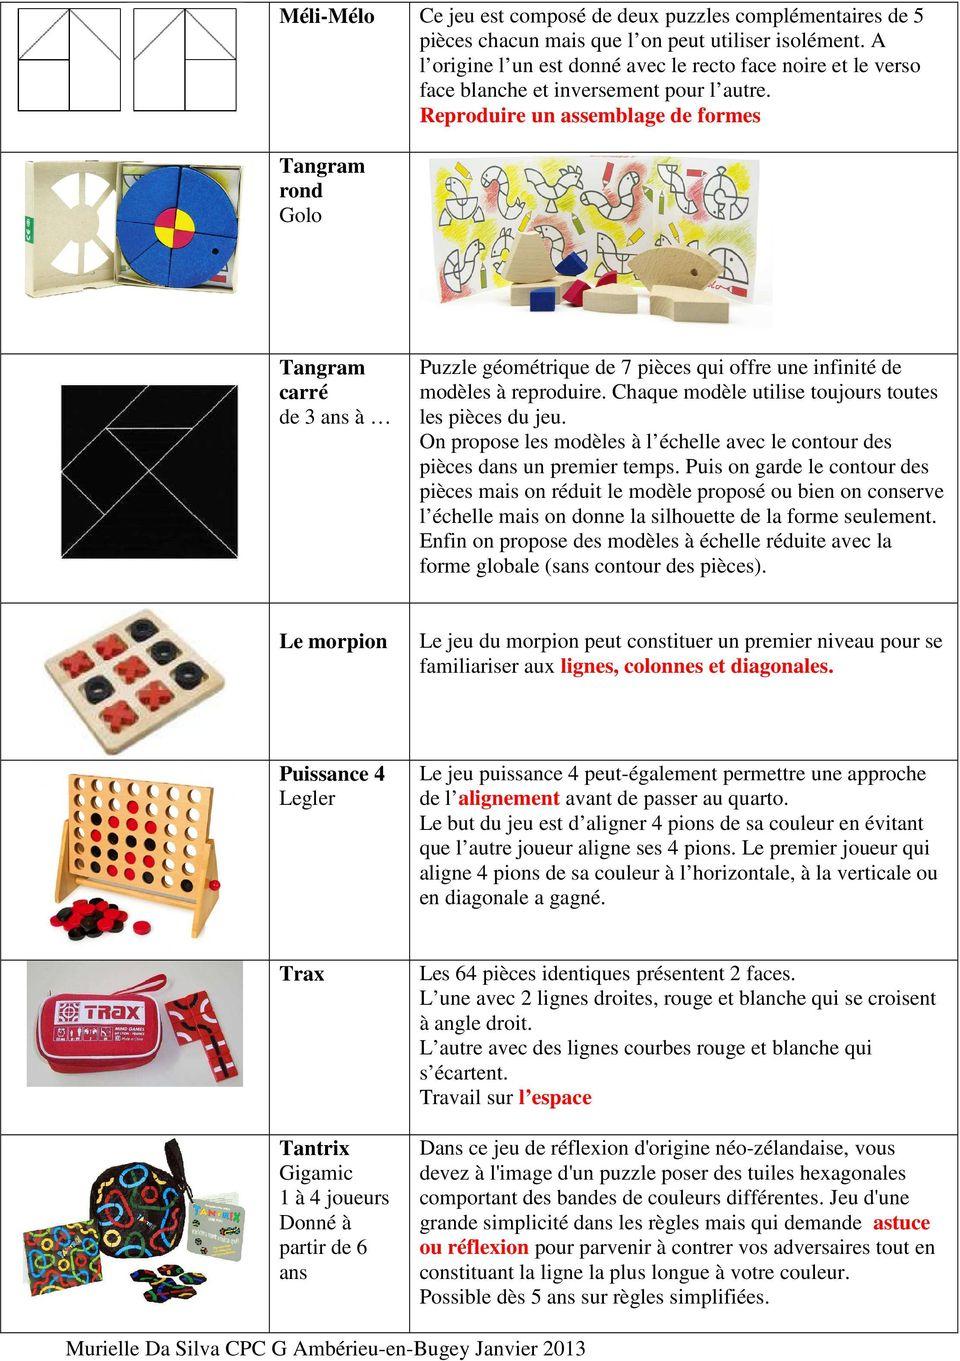 Forum Jeux Mathématiques Ecole Primaire Circonscription tout Jeu Puissance 4 En Ligne